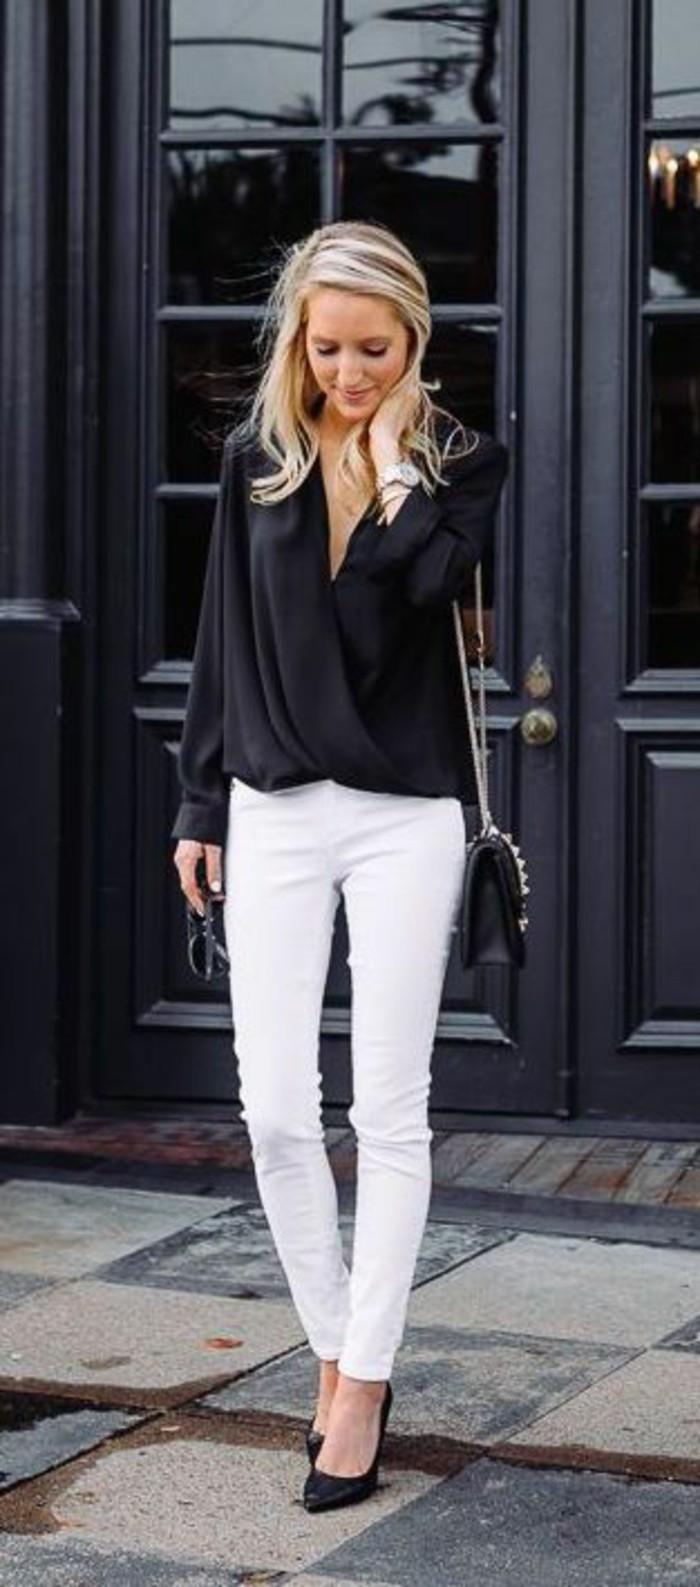 business-kleider-interessante-schwarze-bluse-weise-hose-kleine-schwarze-tasche-hohe-schwarze-schuhe